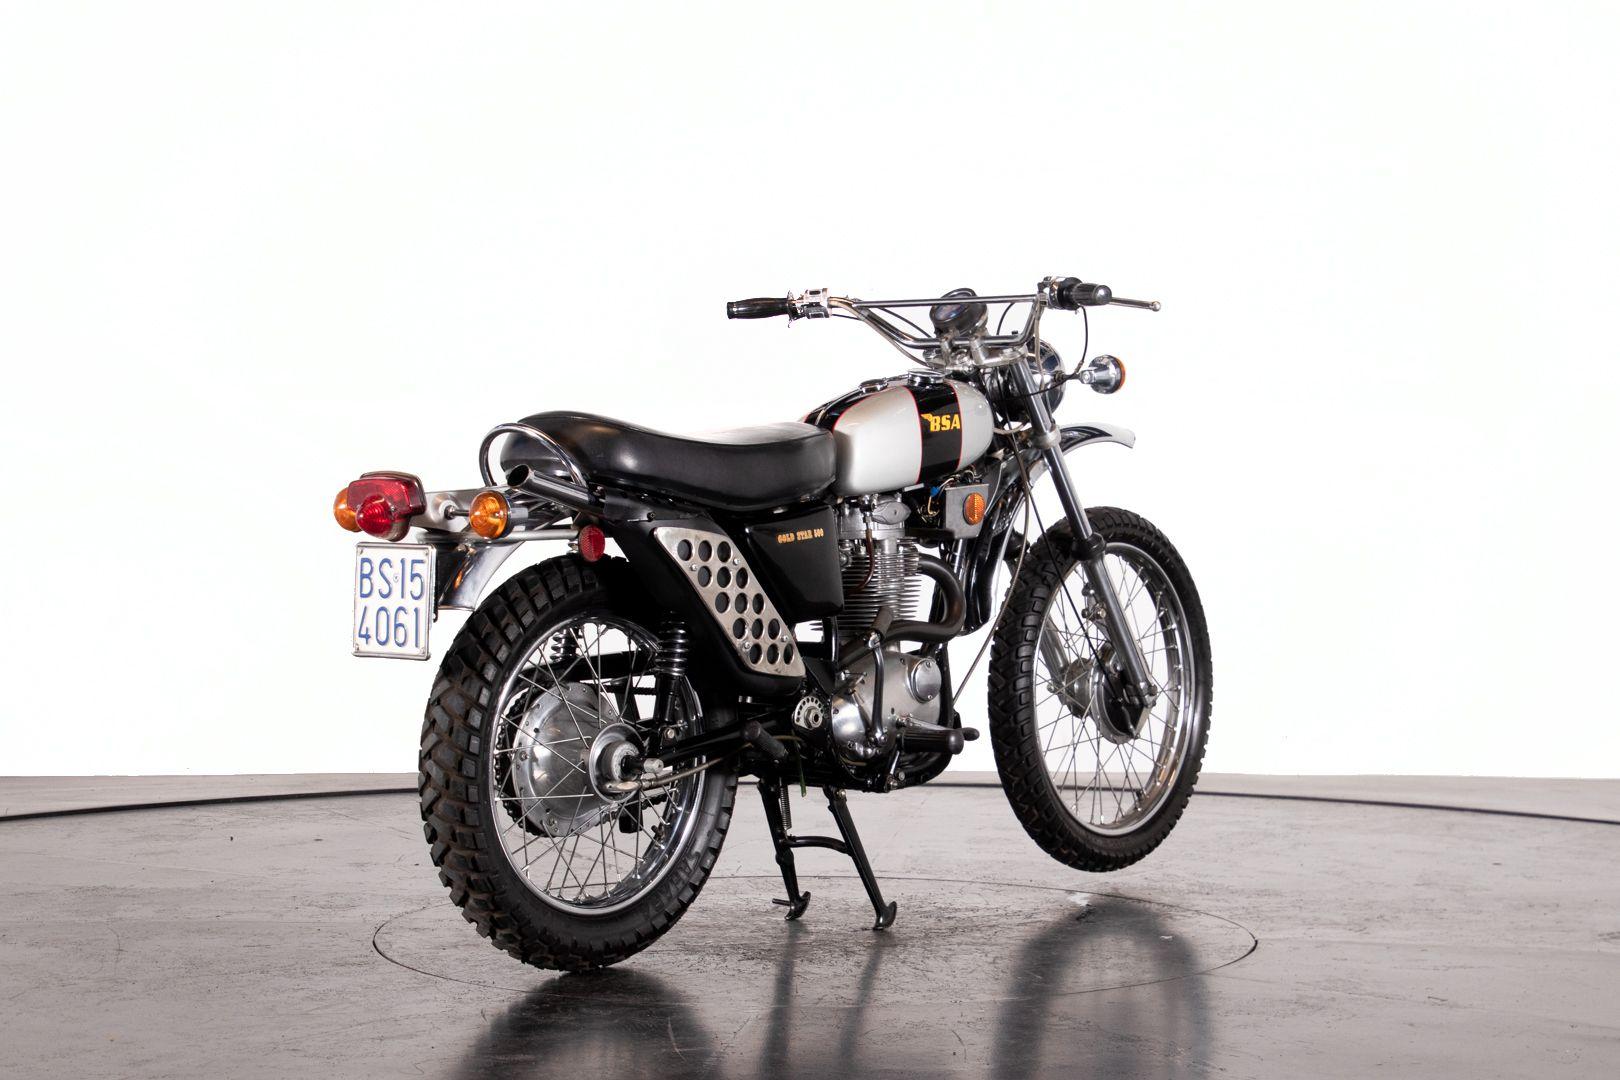 1972 BSA B 50 SS 500 49027